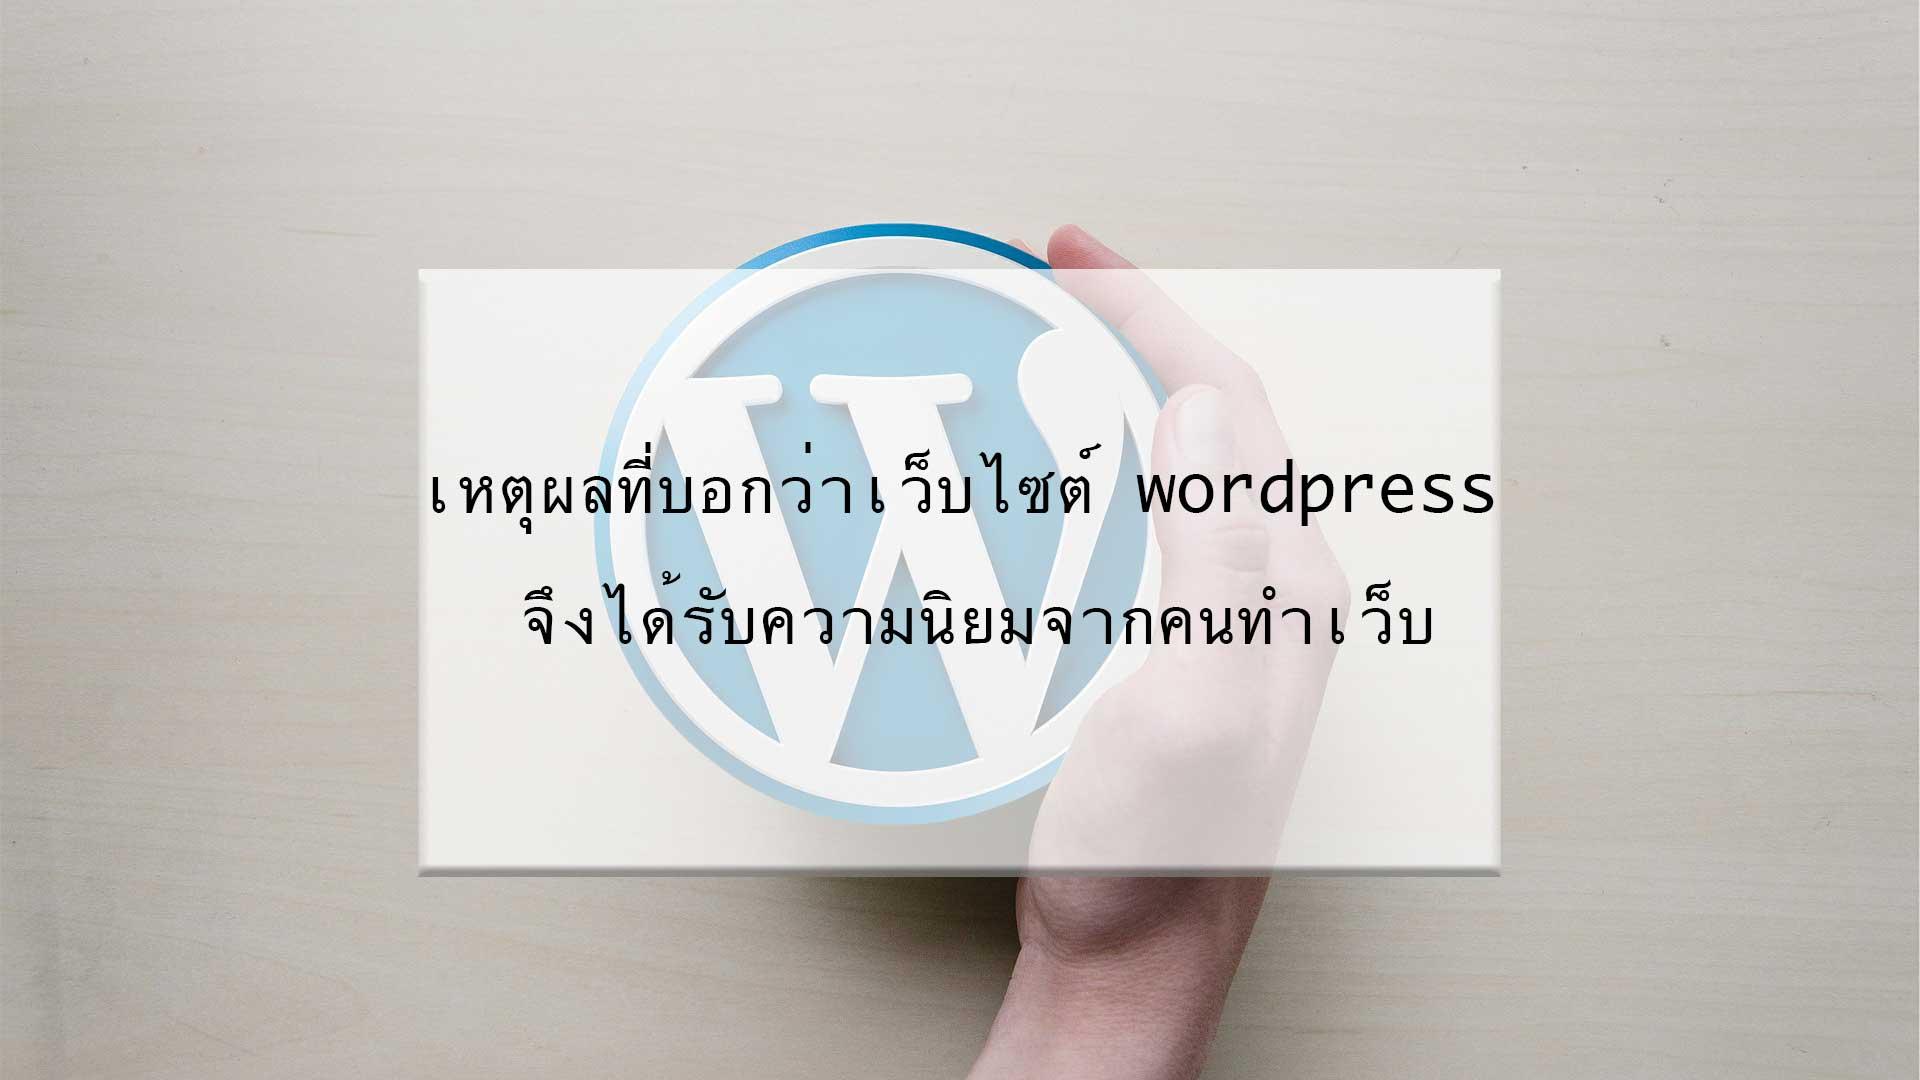 เหตุผลที่บอกว่า เว็บไซต์ wordpress จึงได้รับความนิยมจากคนทำเว็บ